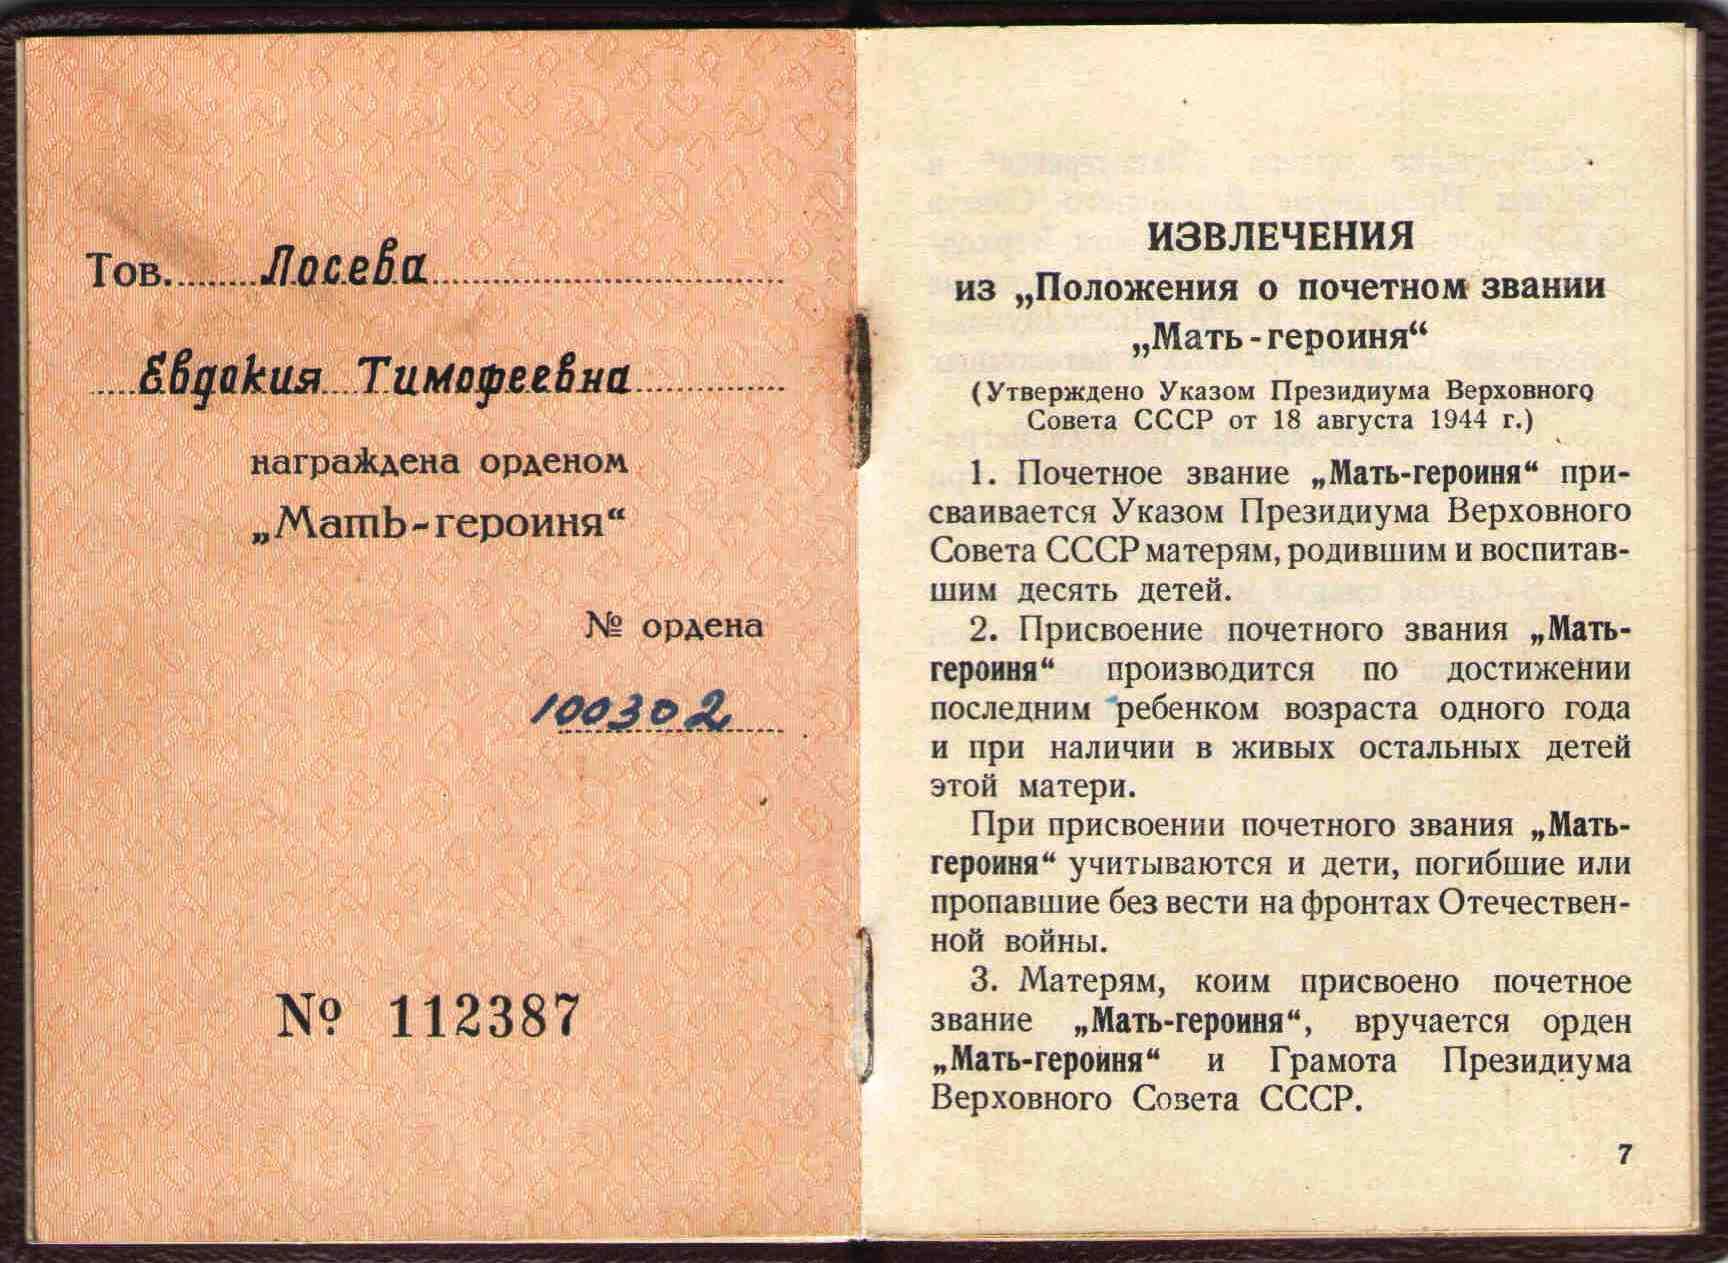 54. Удостоверение Мать Героиня, 1967